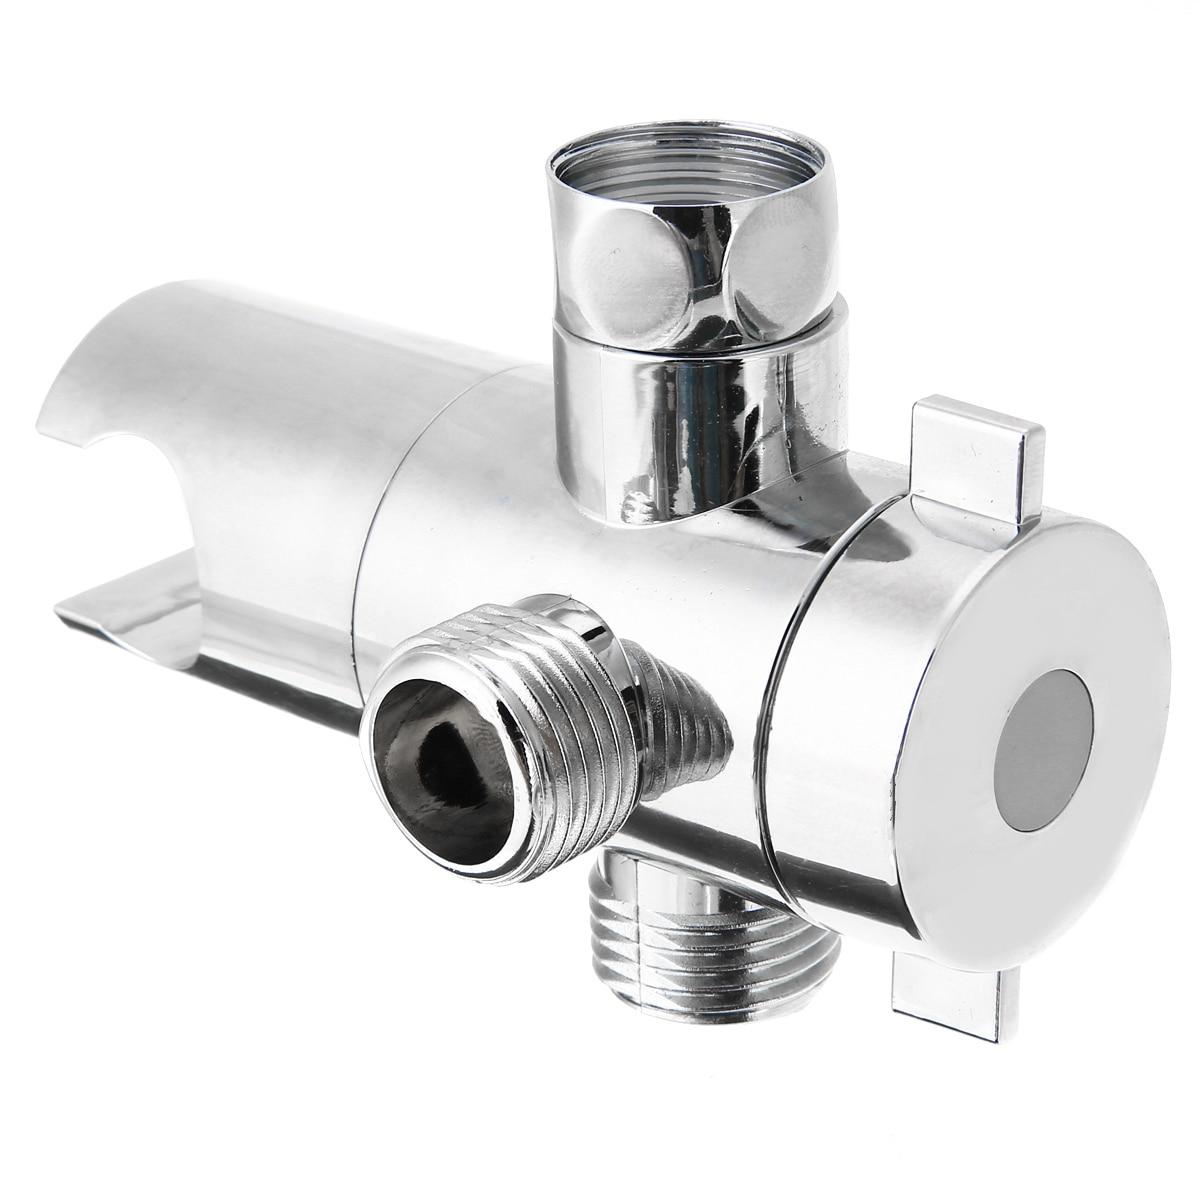 21-Way Shower Head Diverter Valve Fix Bracket ABS Bathroom Shower Head  Diverter Sprayer Arm Mount Valve For Bathroom Supplies